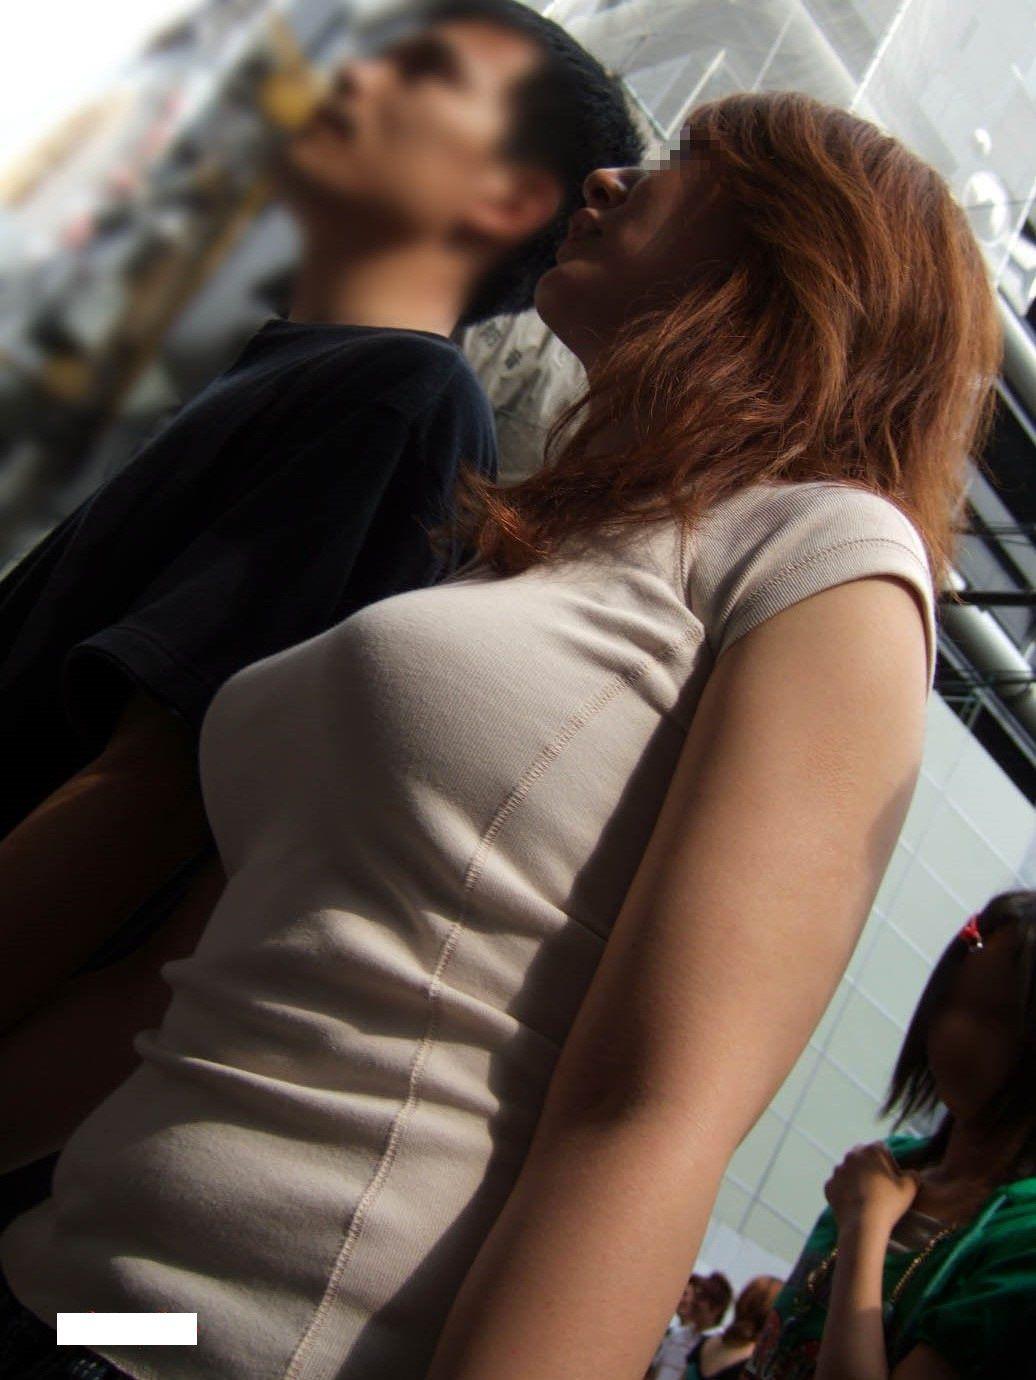 【巨乳エロ画像】隠せるのに敢えて強調w近頃の着衣巨乳さんは前衛的www 14